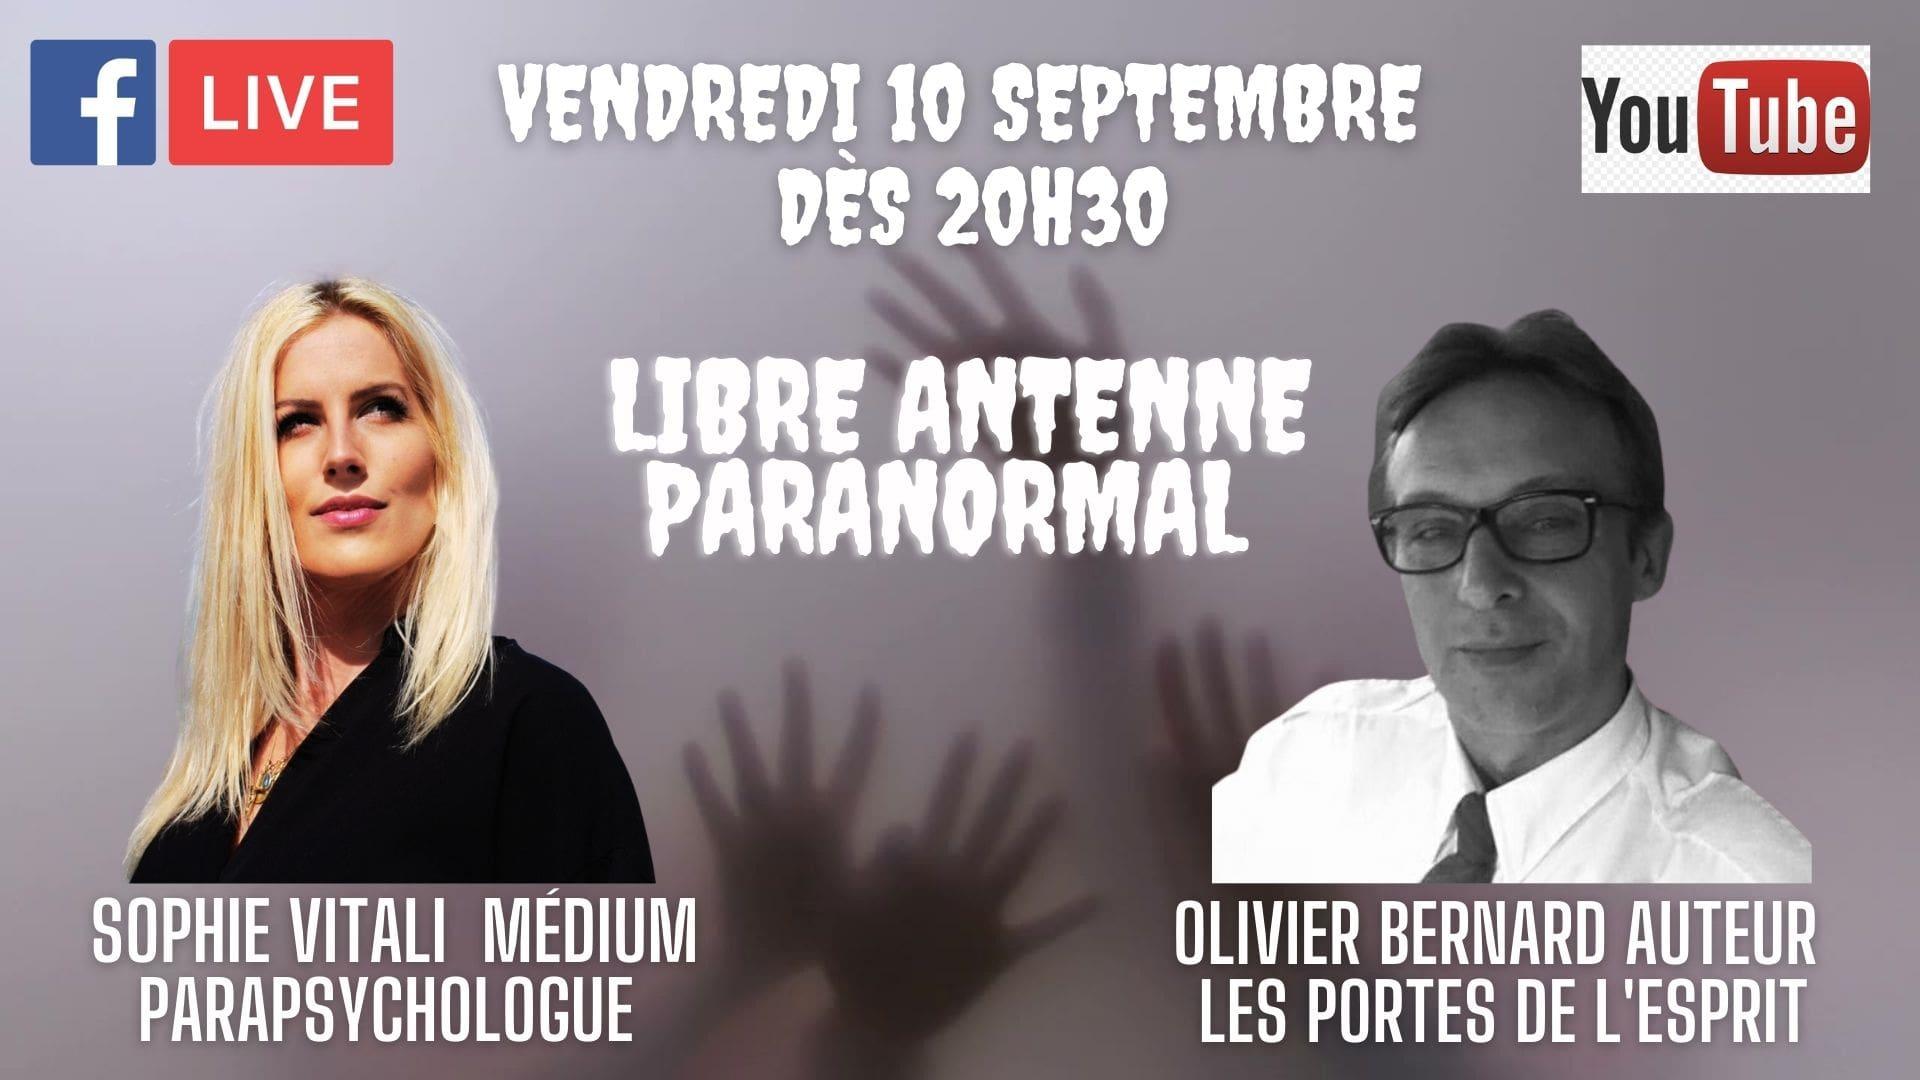 Nouvelle libre antenne Paranormal avec Sophie Vitali médium parapsychologue et Olivier Bernard auteur